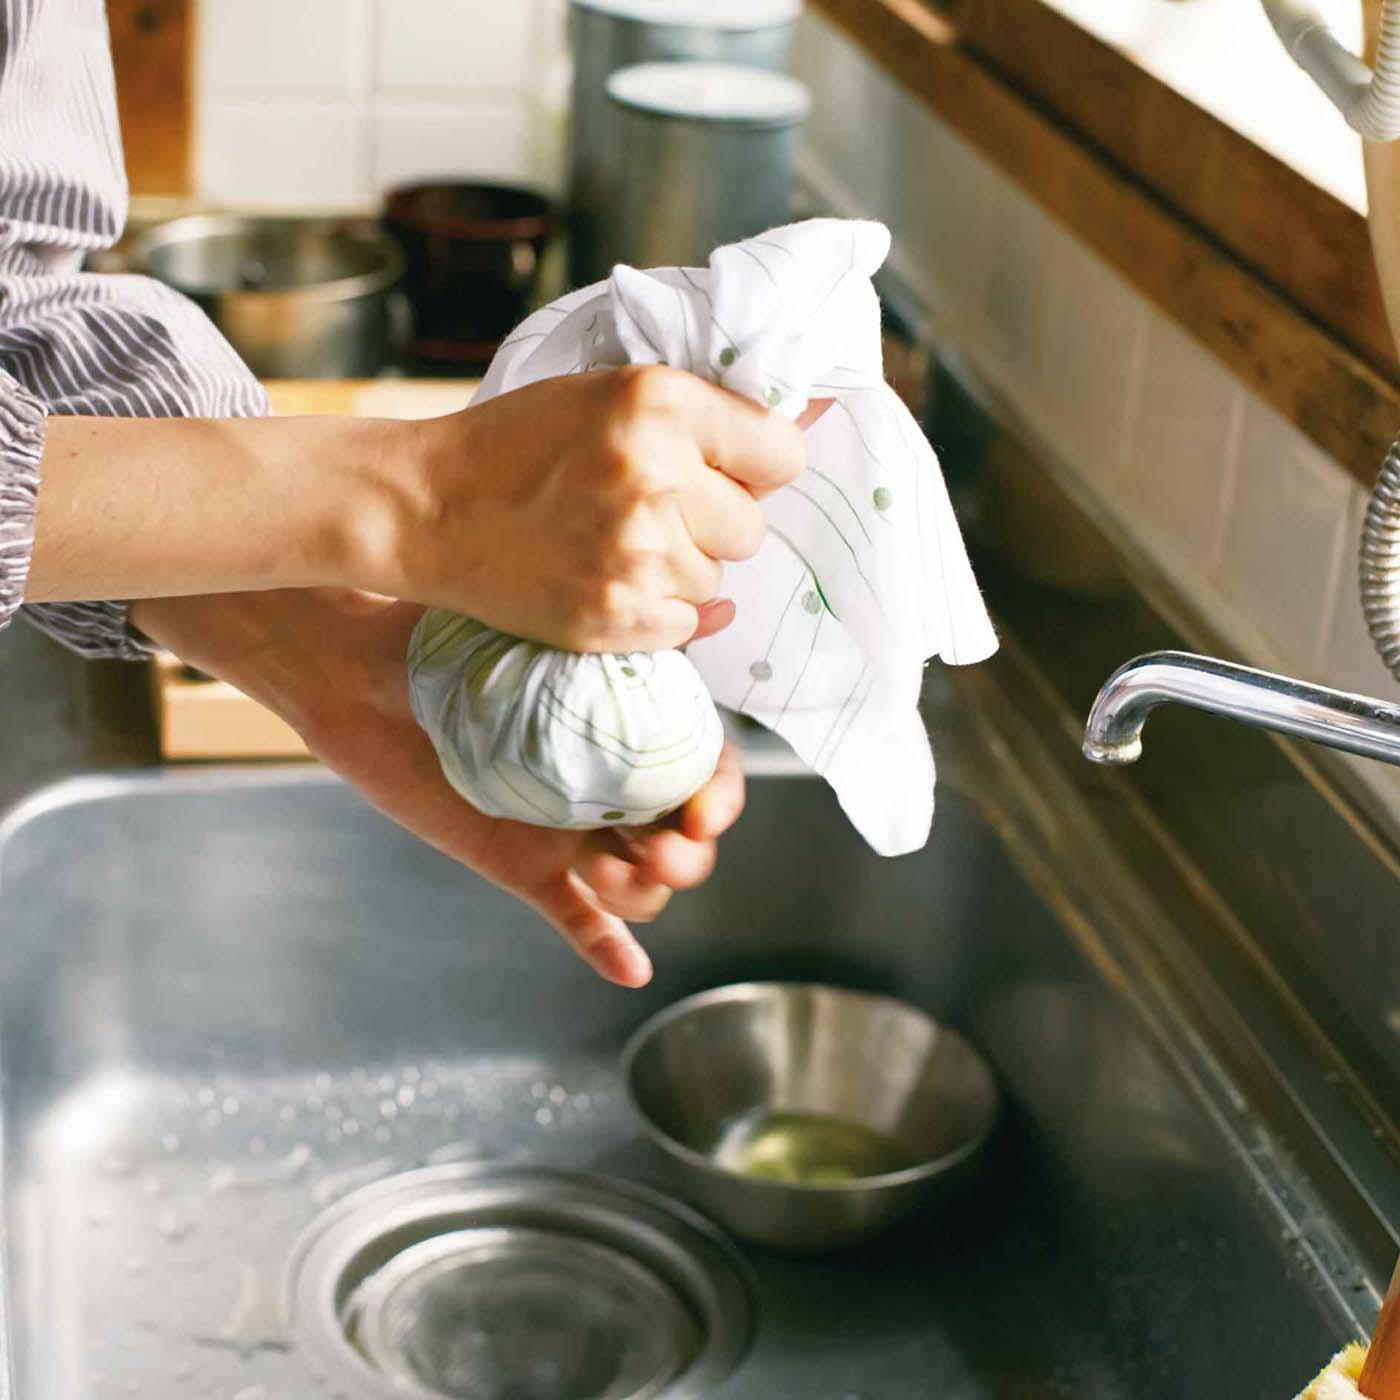 〈絞る〉ゆでた野菜の水気をしっかり絞ってくれるから、おひたしもプロ級の仕上がりに。